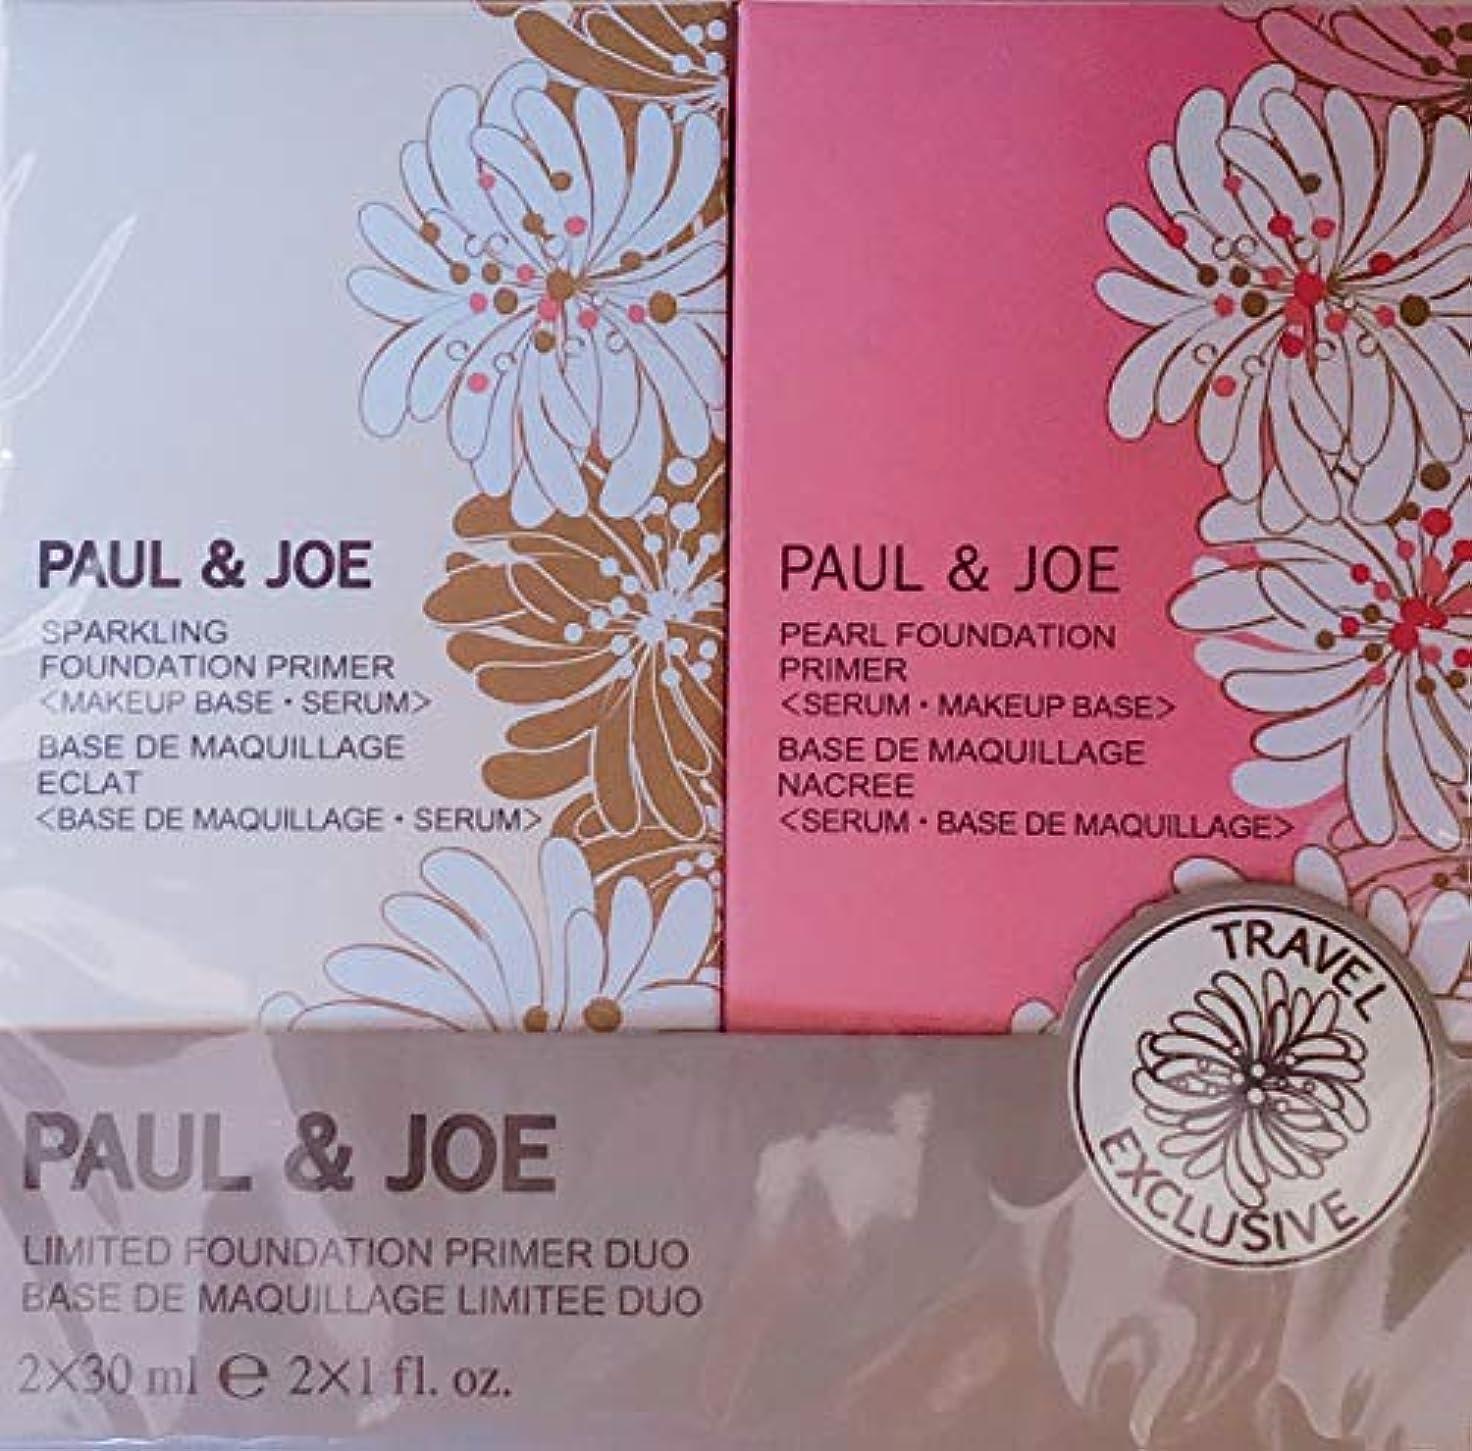 血外交官母性ポール&ジョー スパークリング ファンデーション プライマー 001 30ml パール ファンデーション プライマー002 30ml 美容液 化粧下地 PAUL&JOE